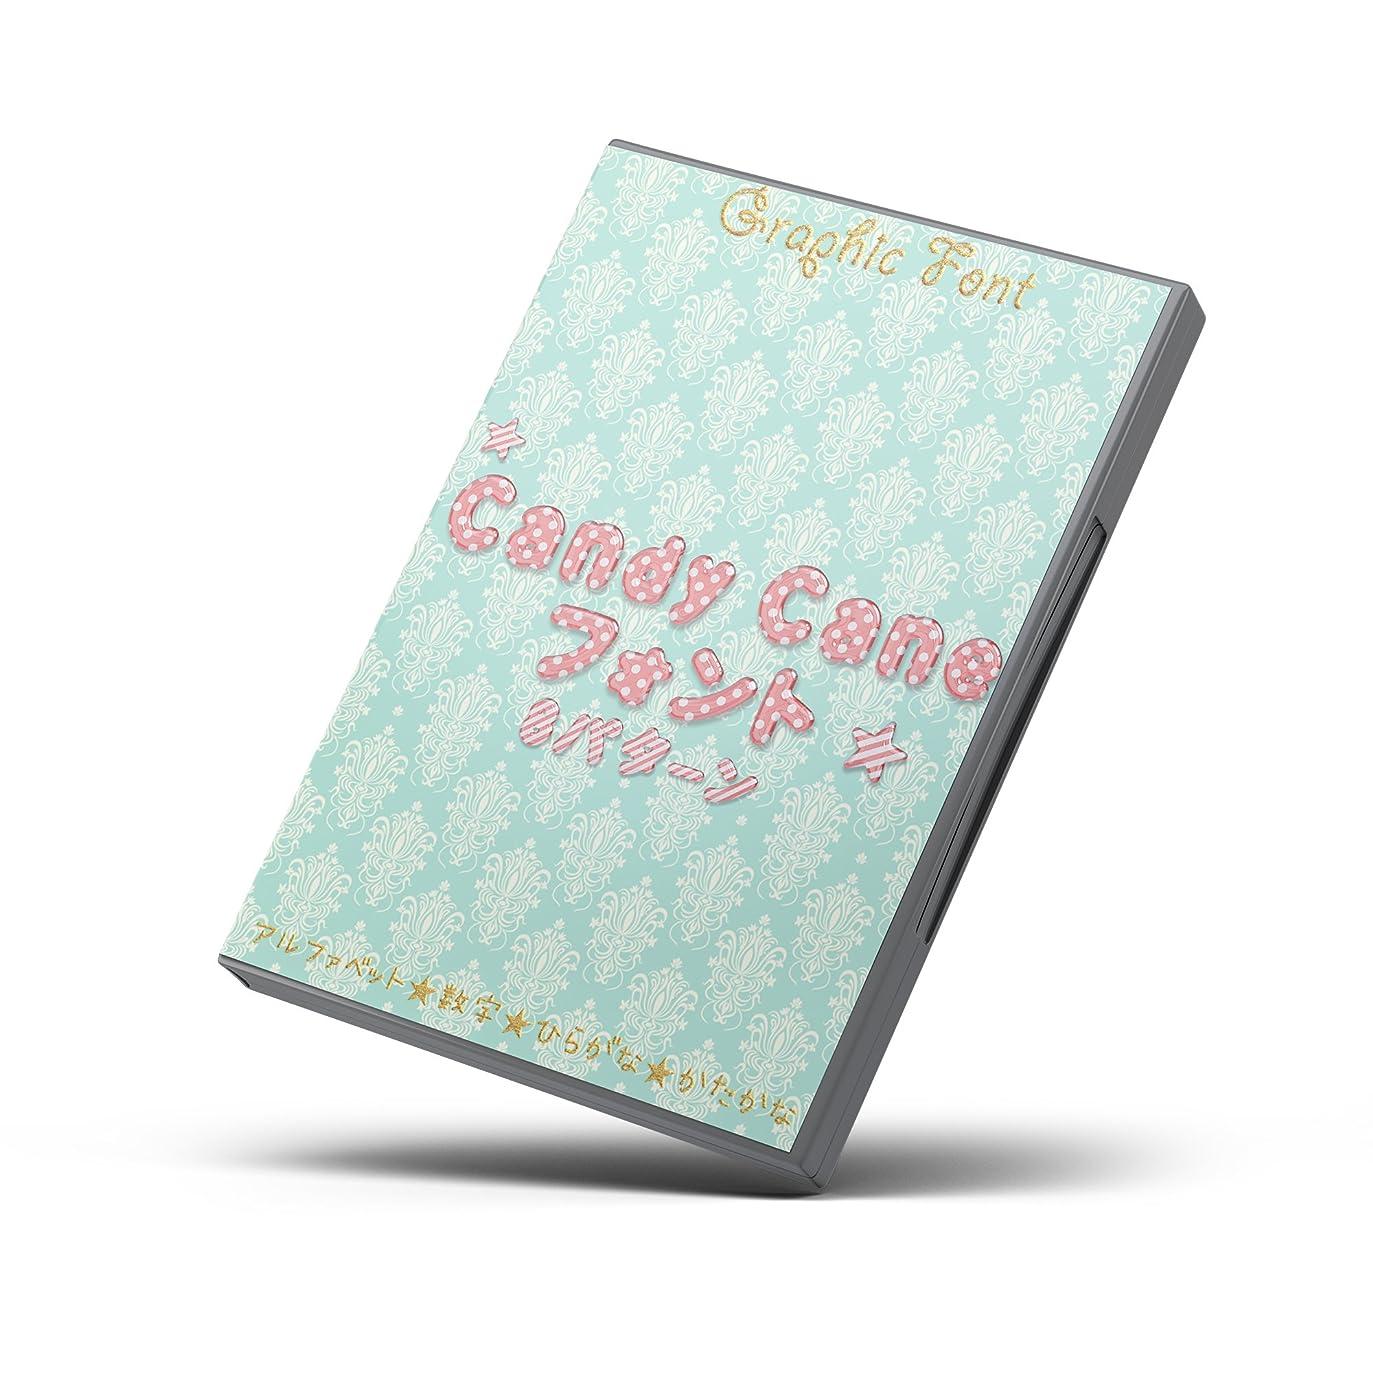 プランター独特の膜La Reve Design グラフィック フォント Candy Cane 全 8 パターン OpenType-SVG